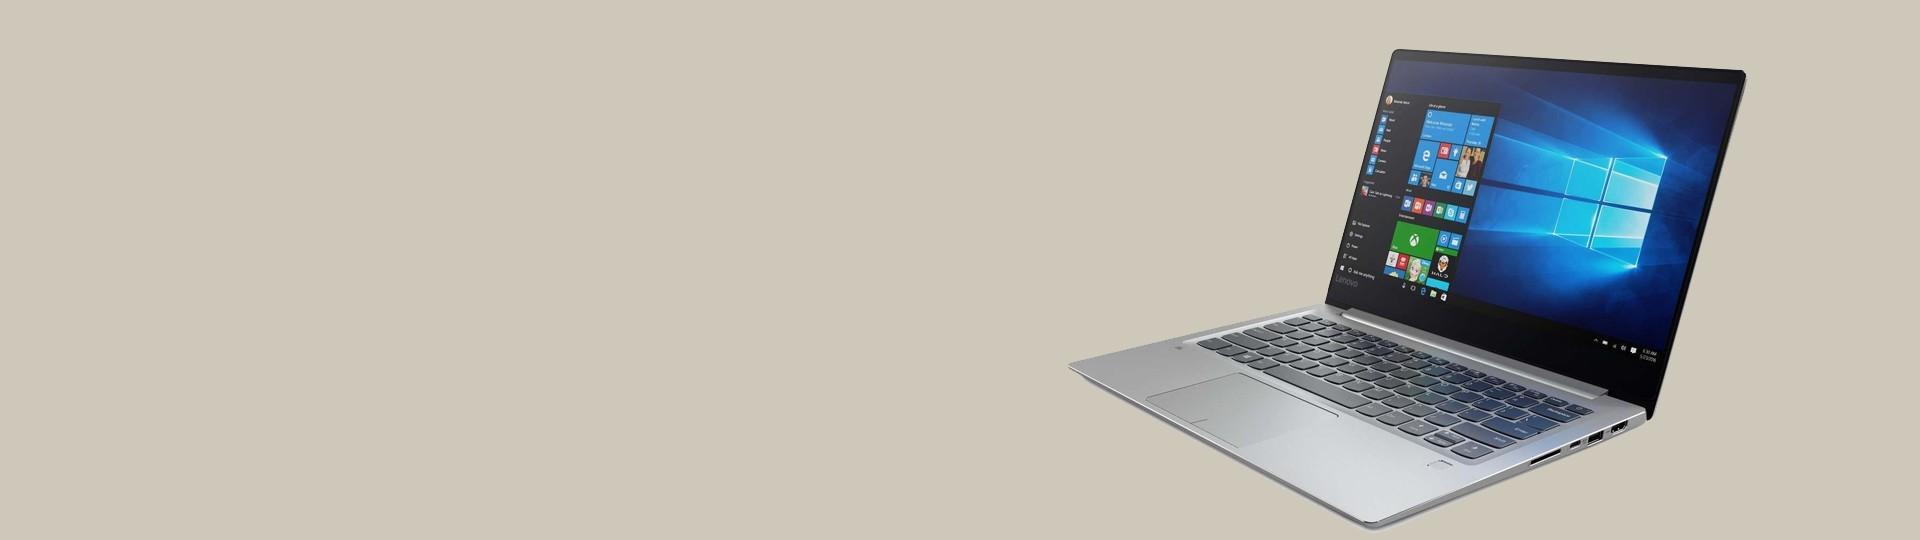 Osmaniye Asus Laptop Servisi